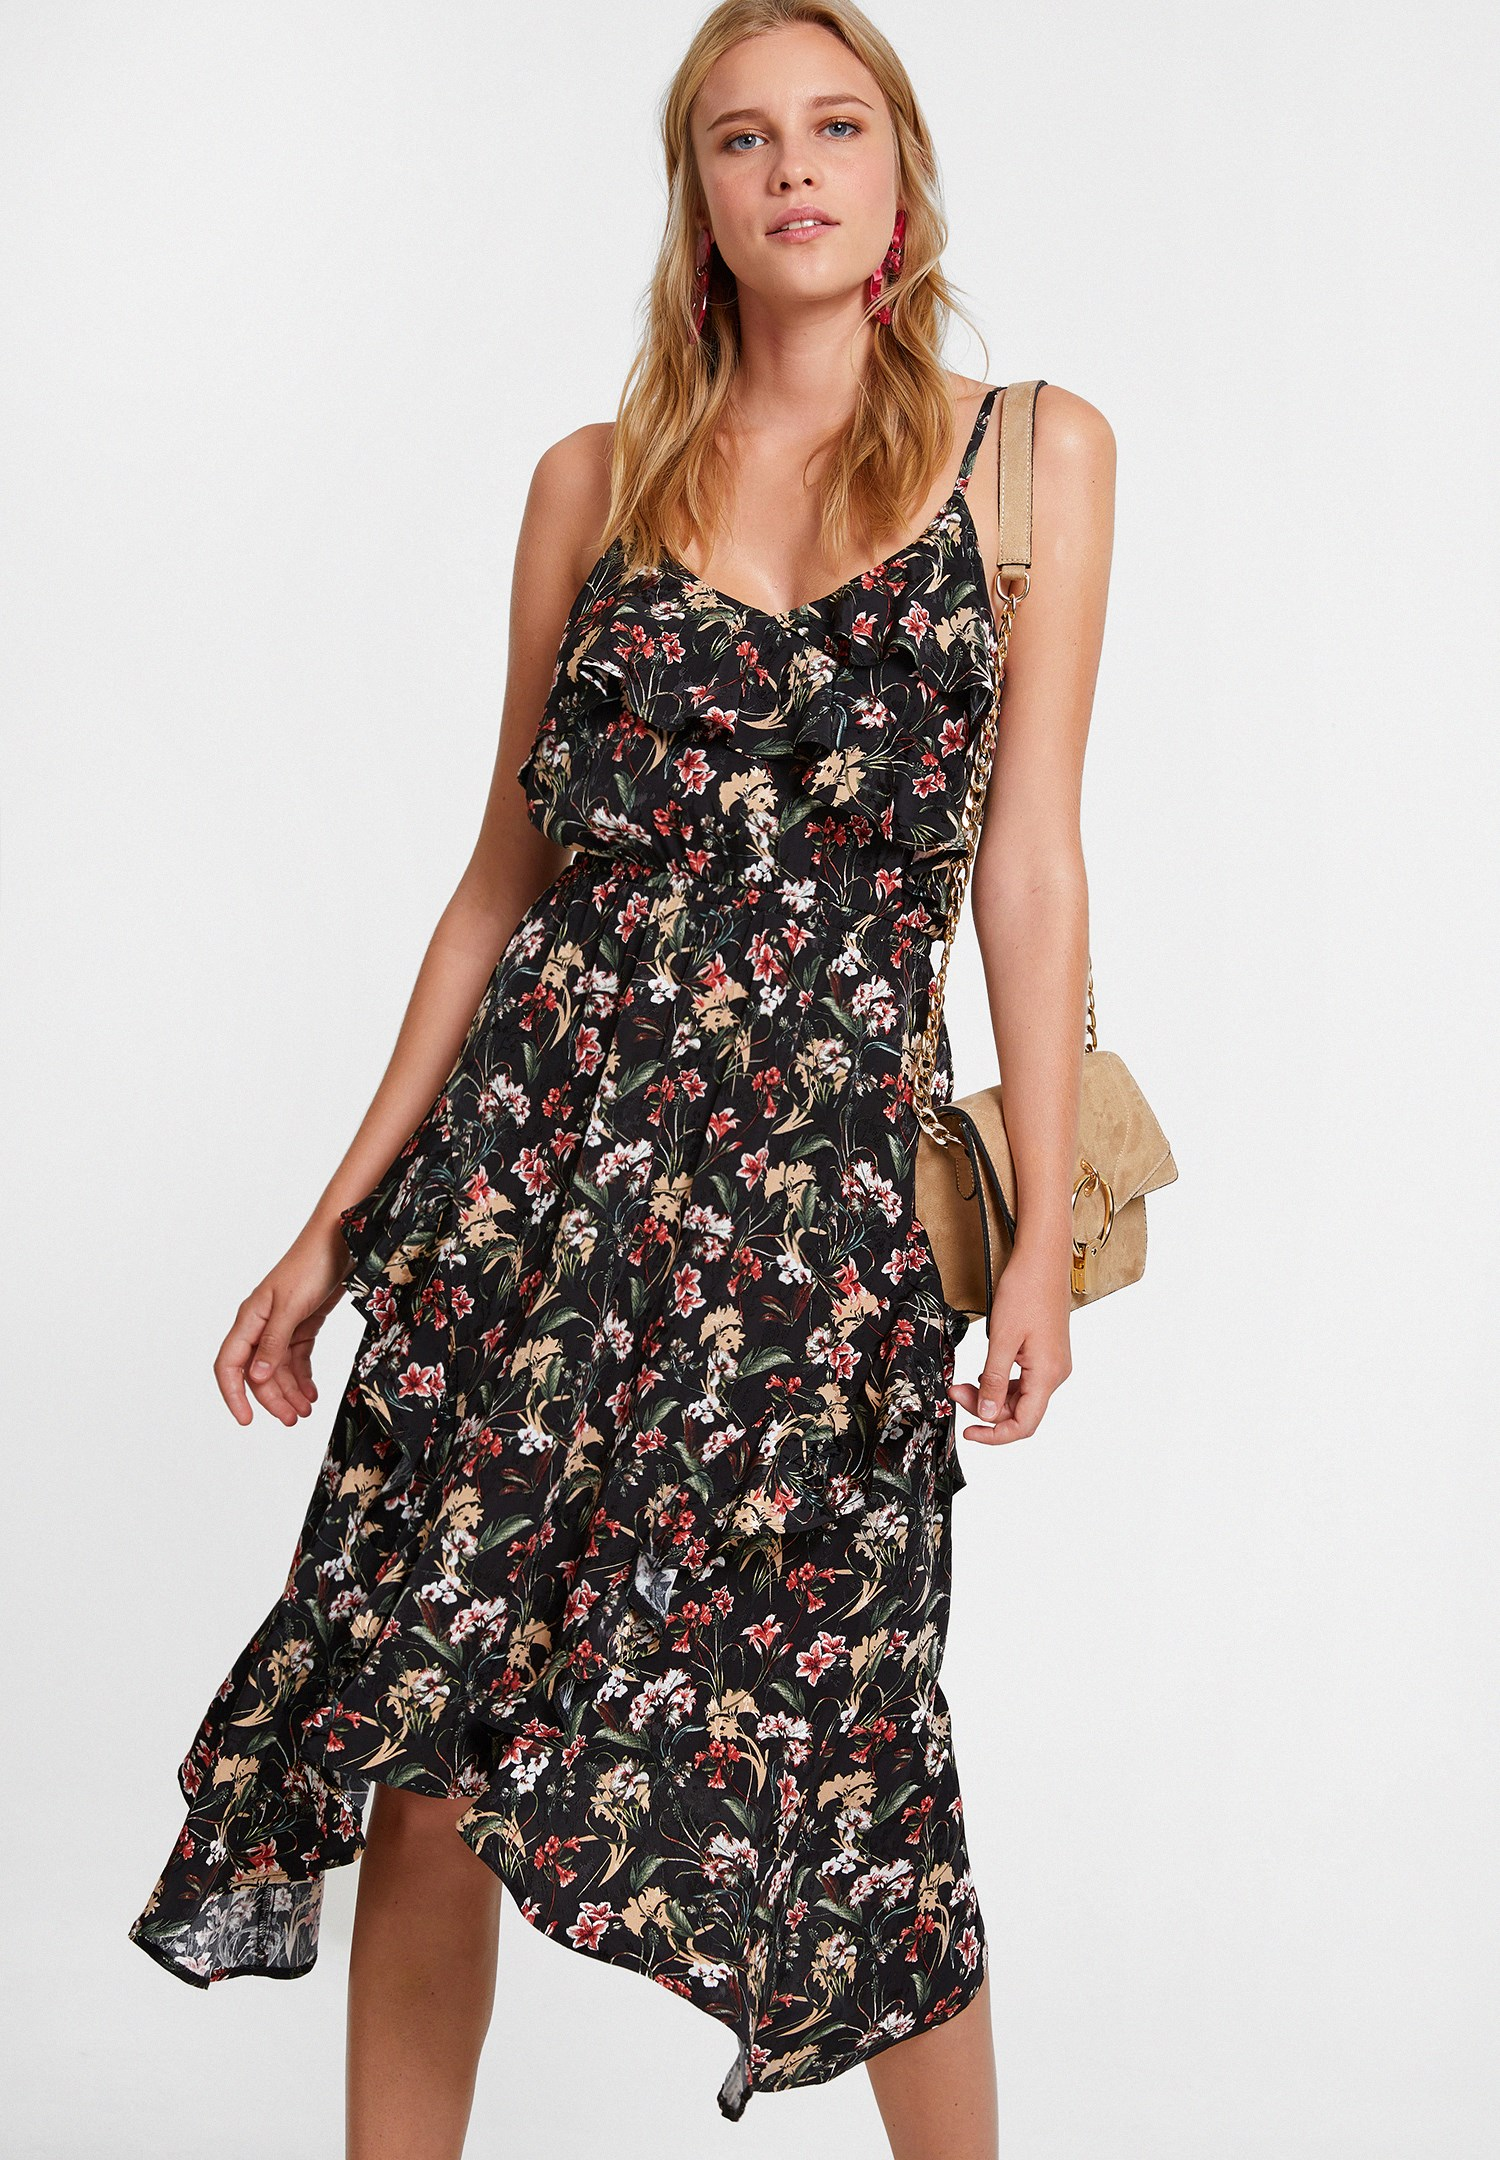 Bayan Çok Renkli Floral Desenli Elbise